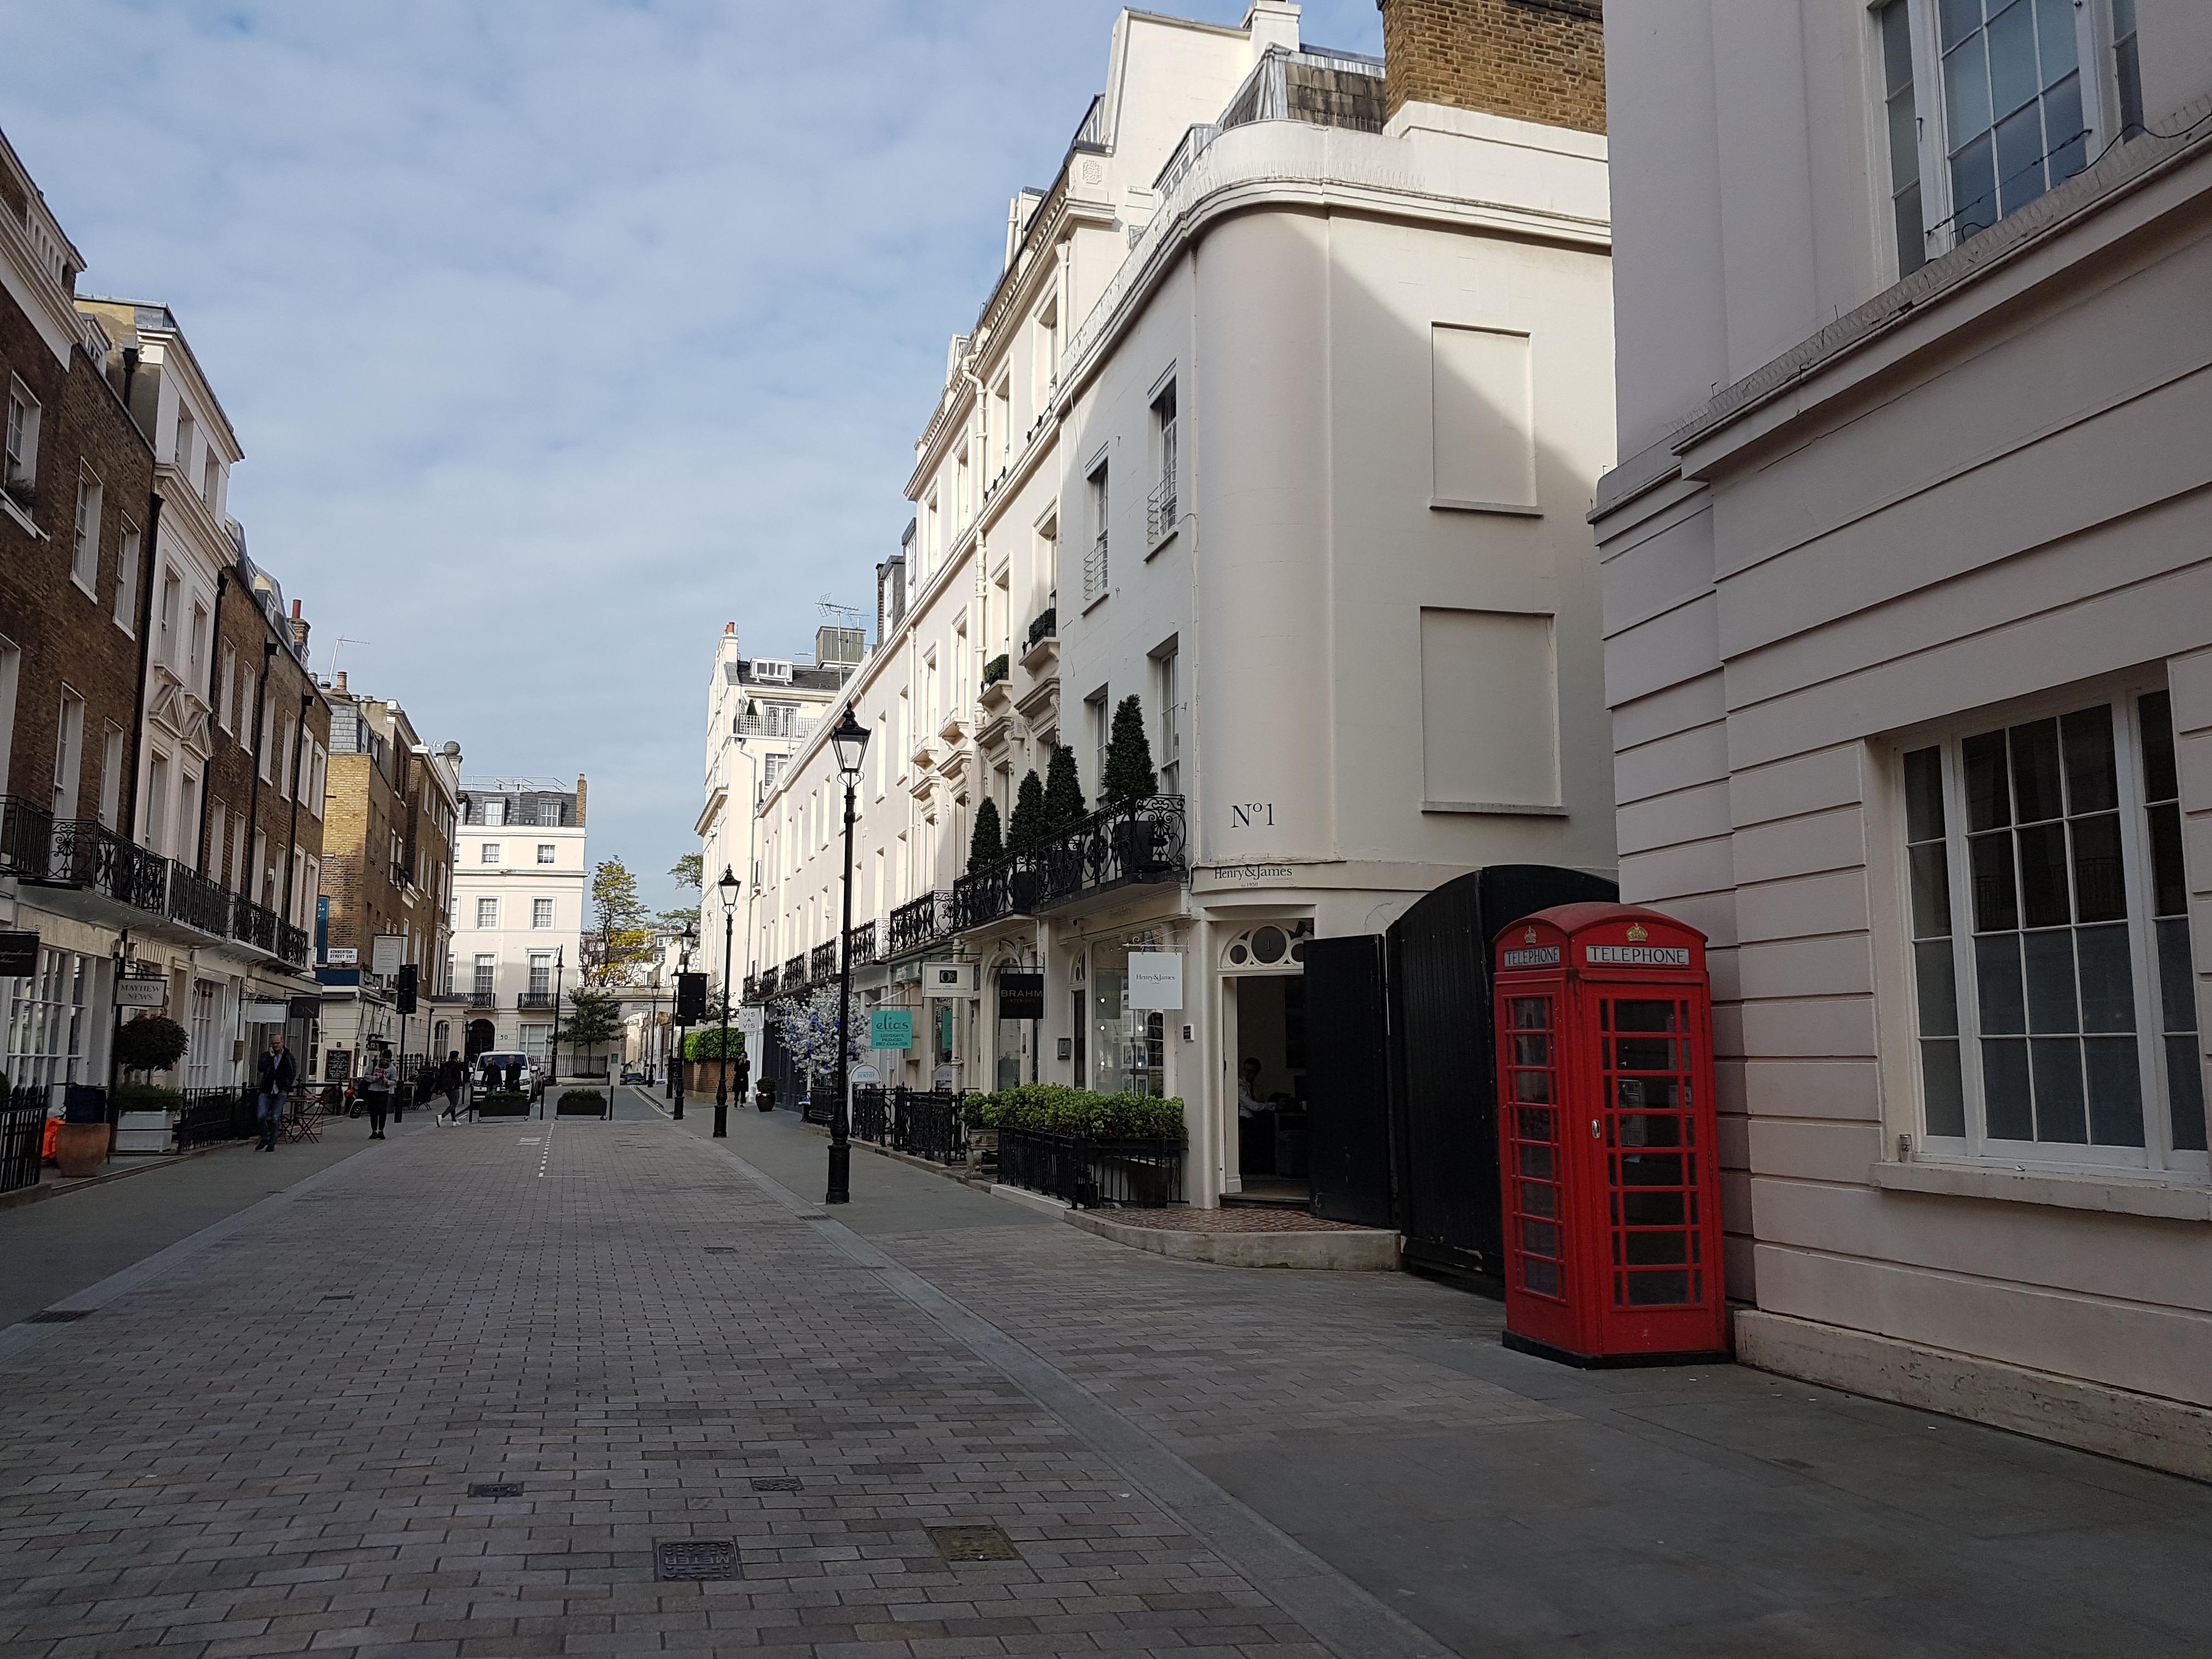 Motcomb Street